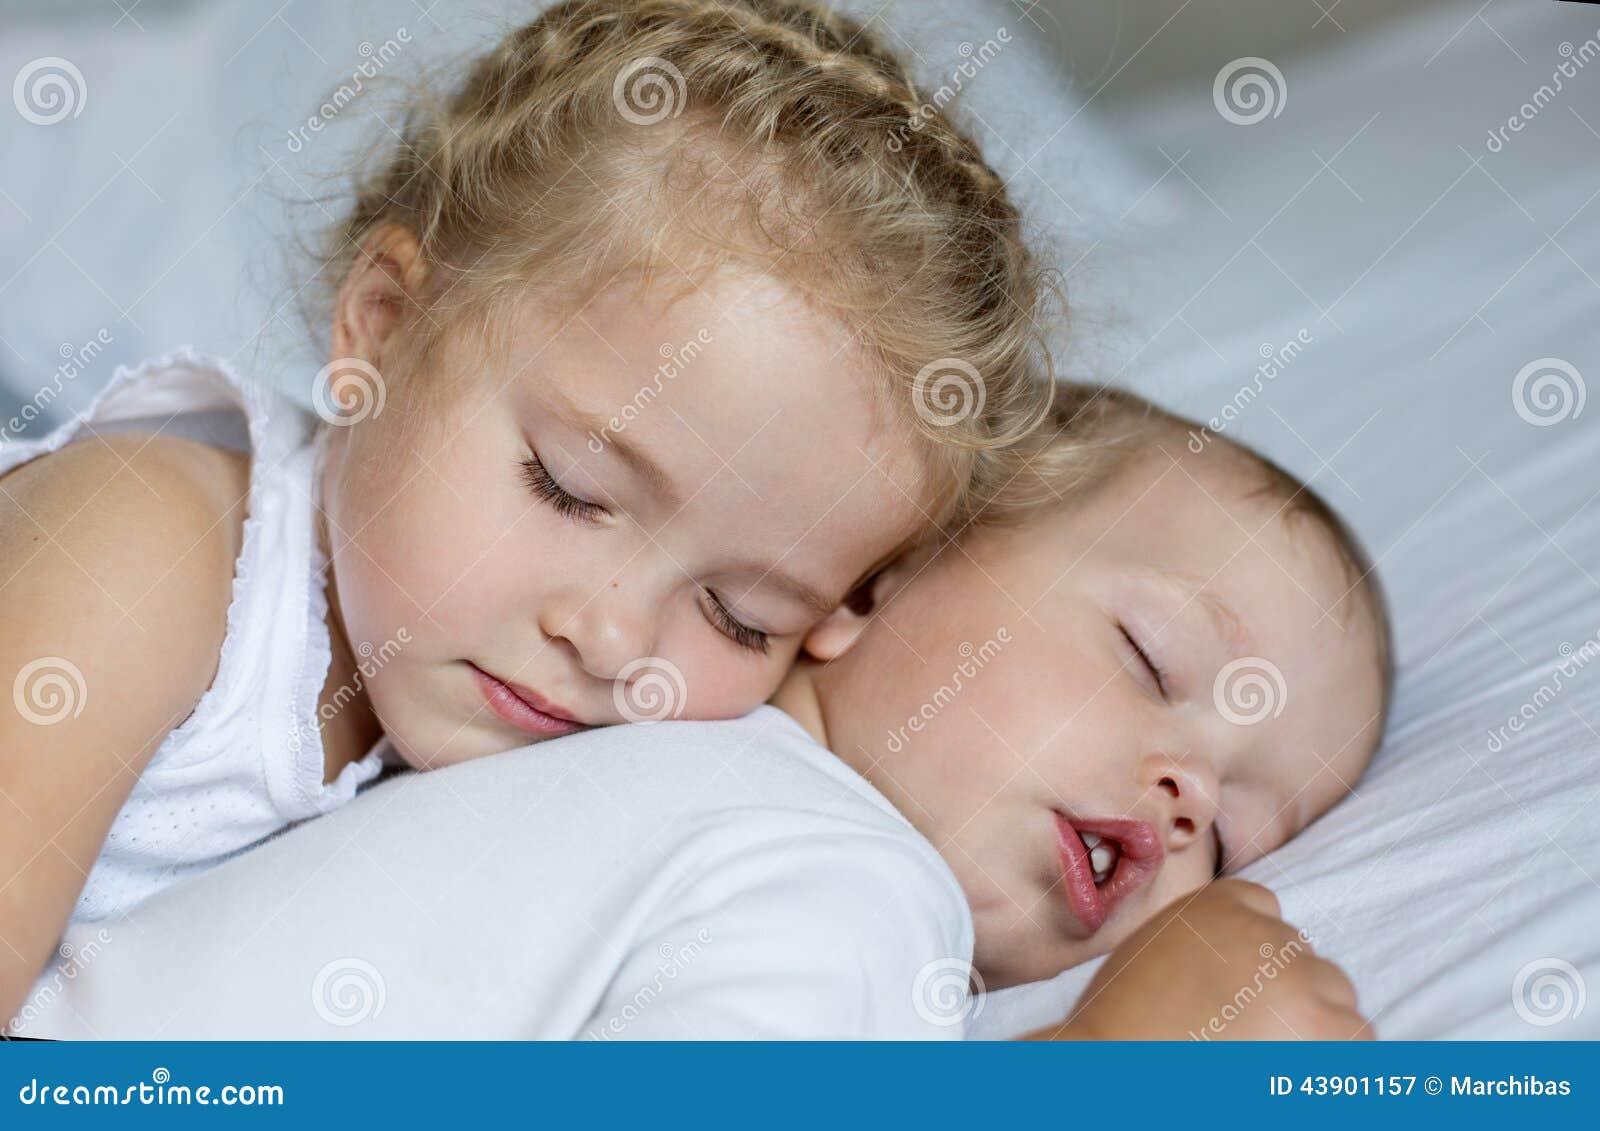 Русский инцест родного брата с сестрой, Инцест брата с сестрой 21 фотография